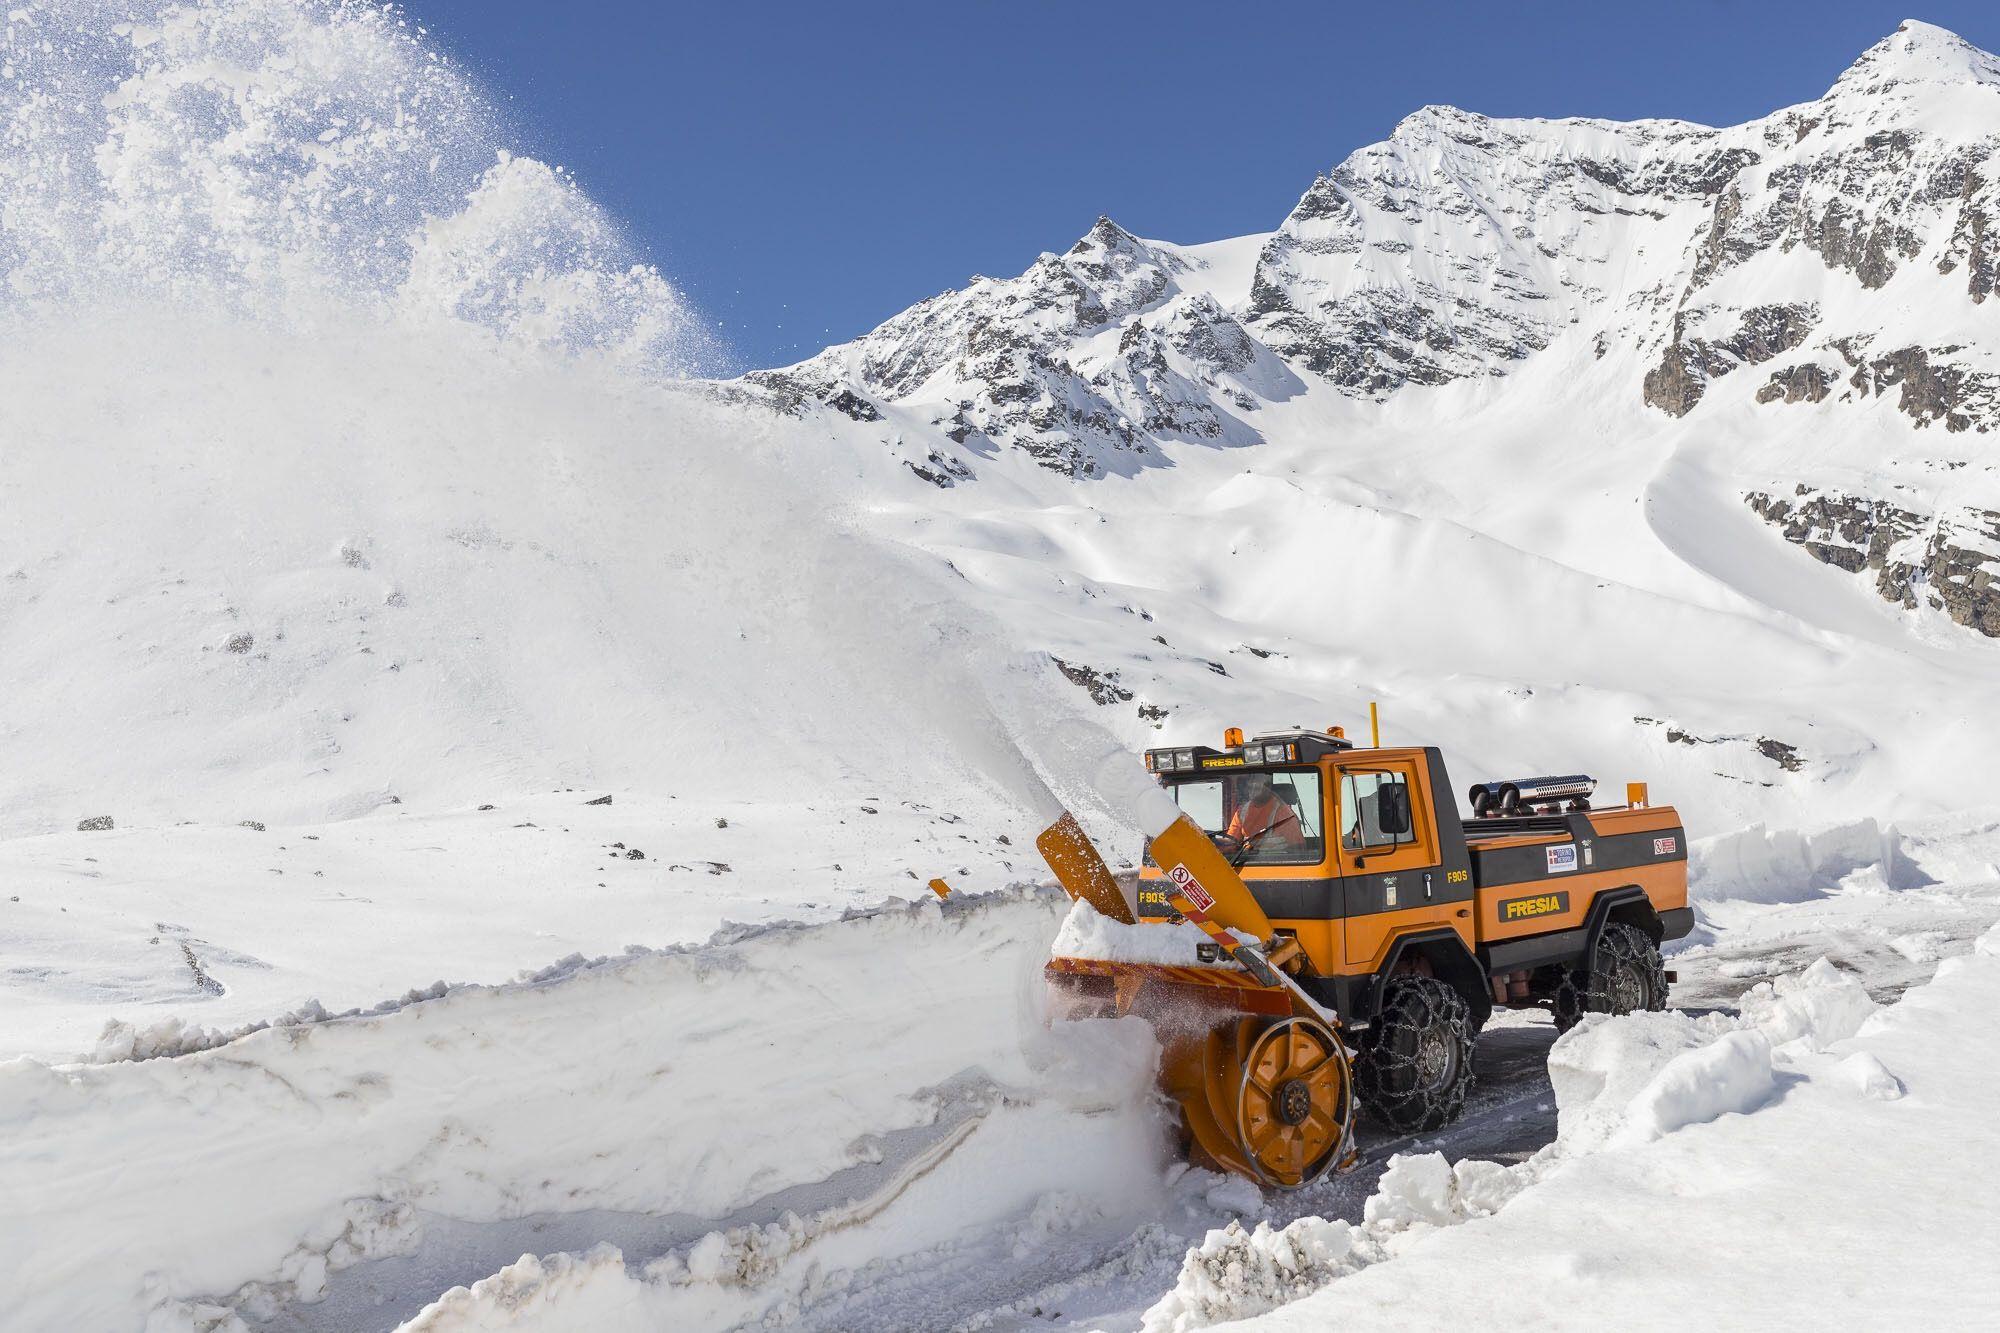 CERESOLE REALE - Super lavoro dei cantonieri per togliere la neve in vista del Giro - FOTO